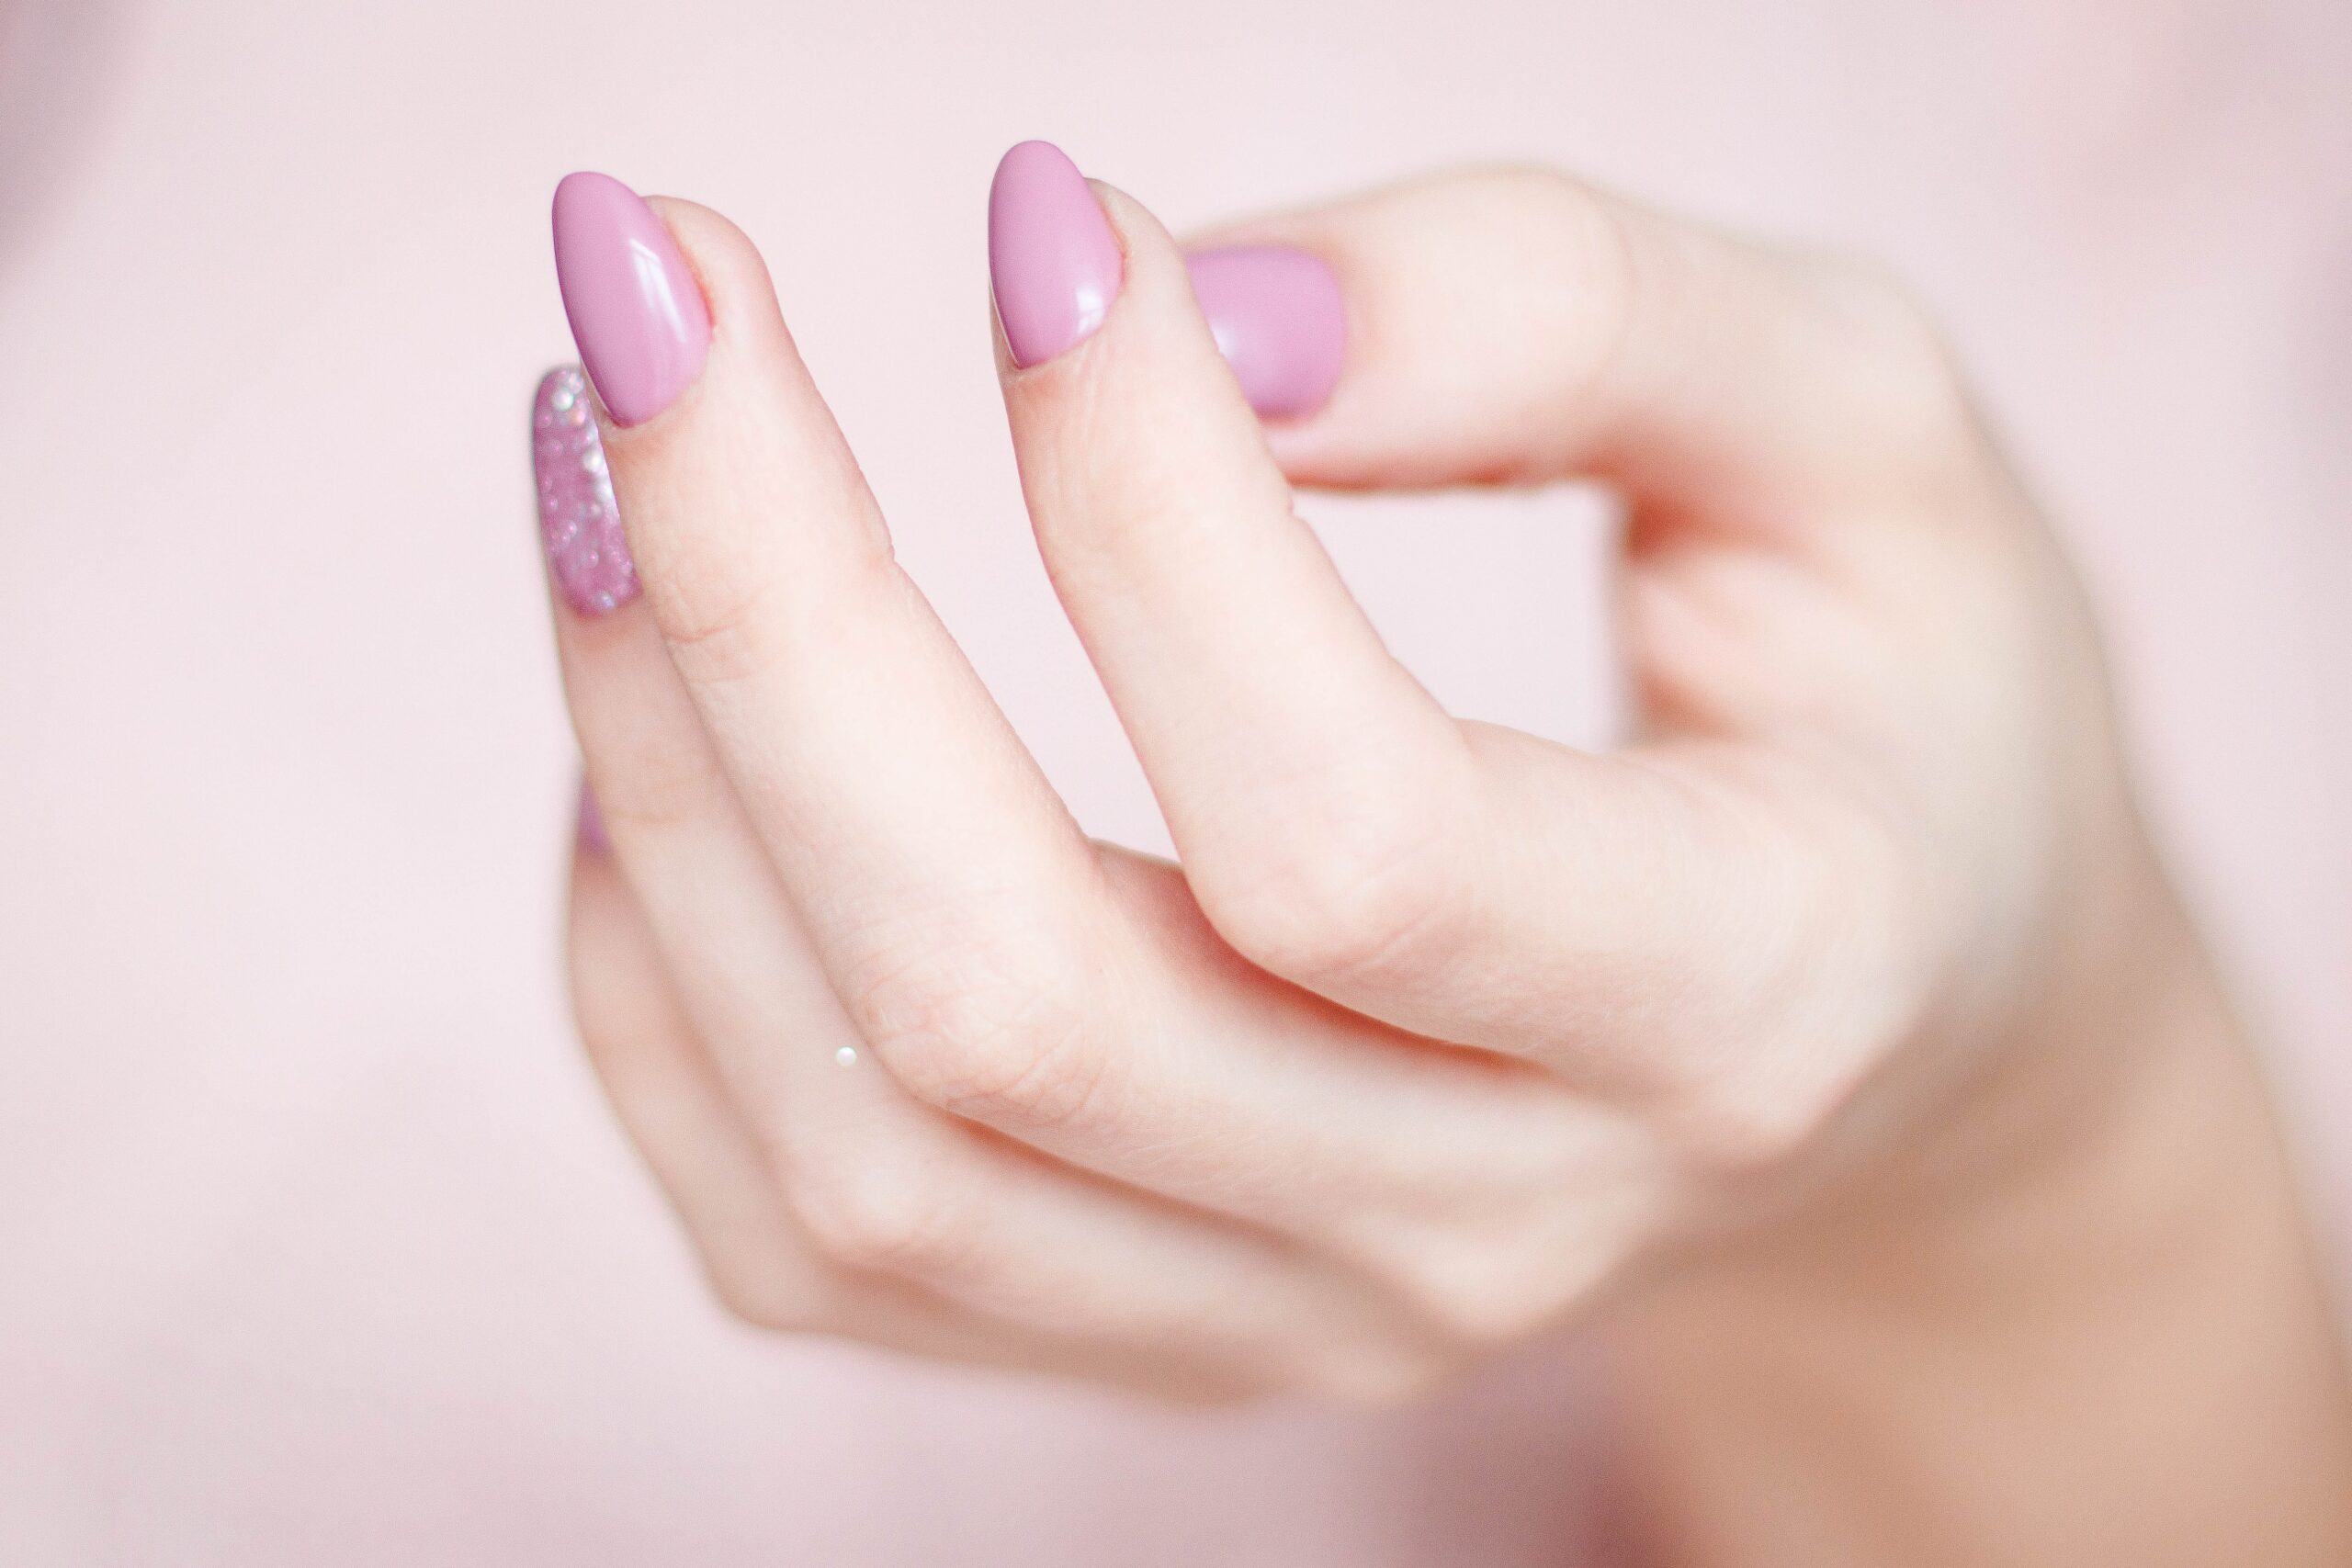 Hos SkinStyle finder du bl.a. Raw Bars fra Mols Organic og vegansk håndsprit fra Nesti Dante